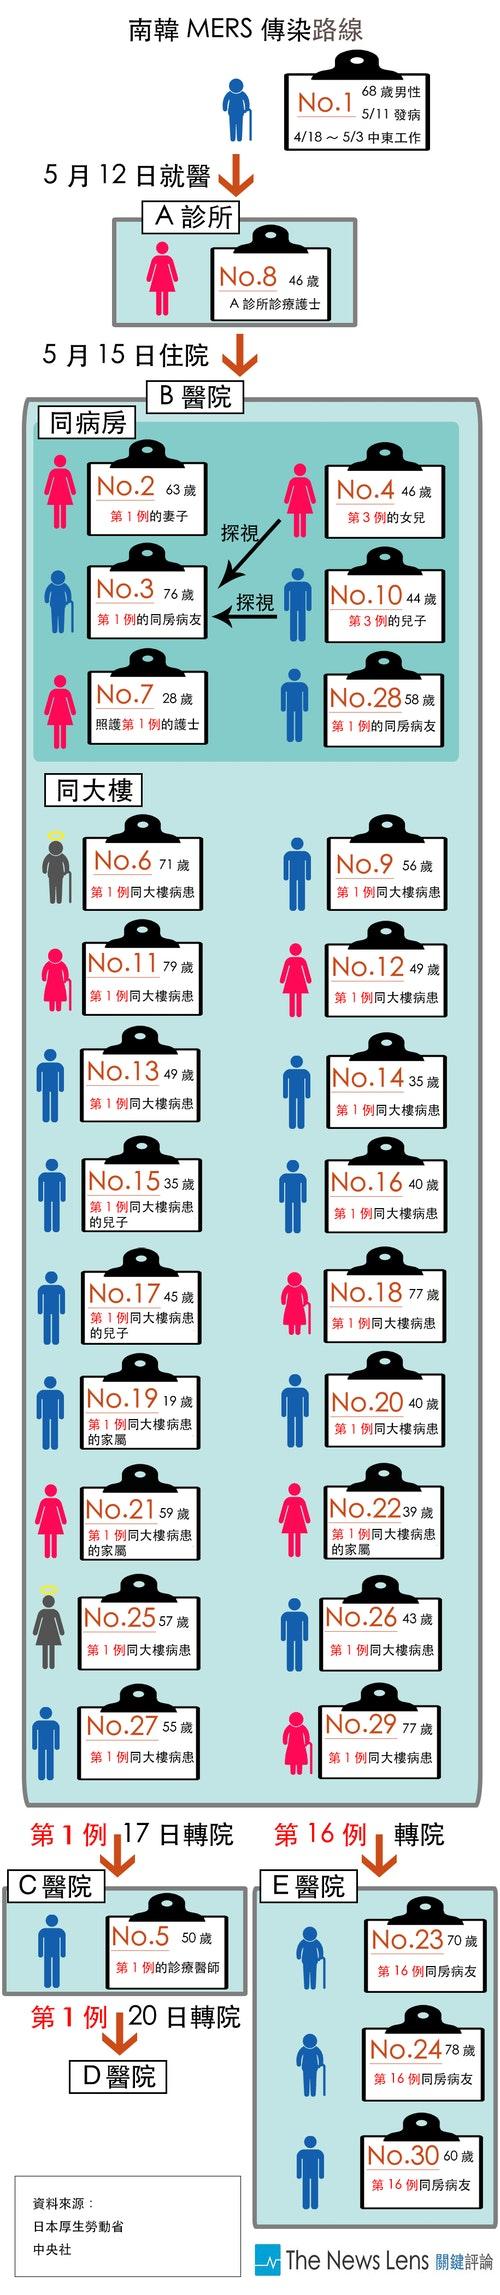 MERS資訊圖表